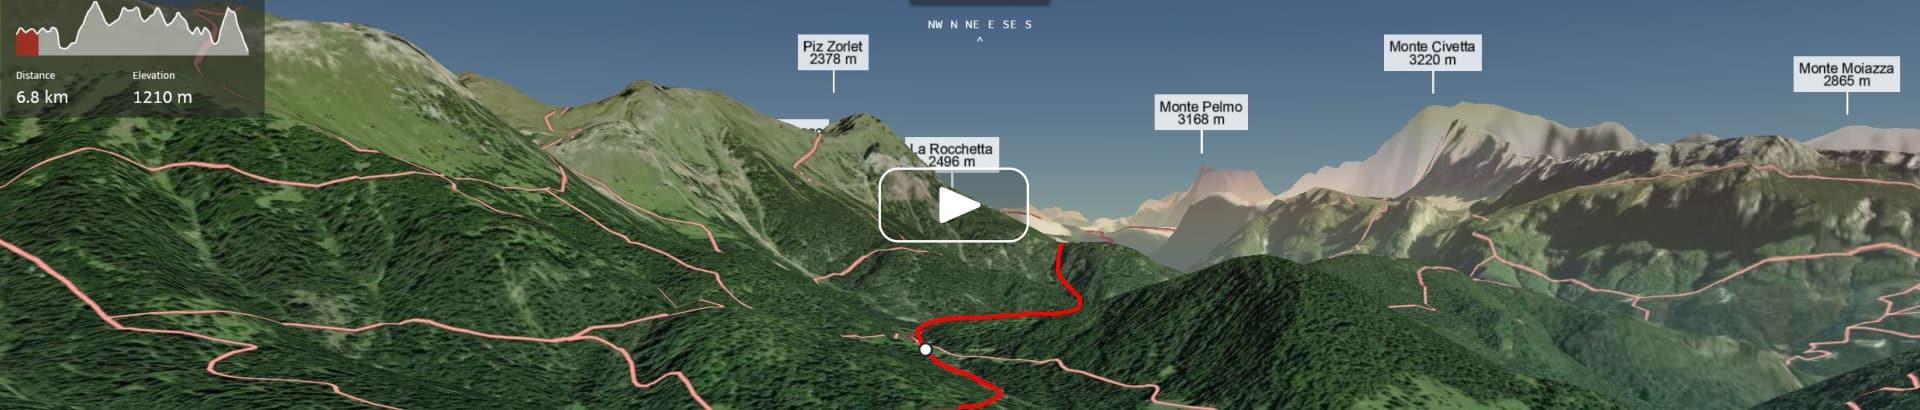 Dolomiti Hike & Camp Video 3D